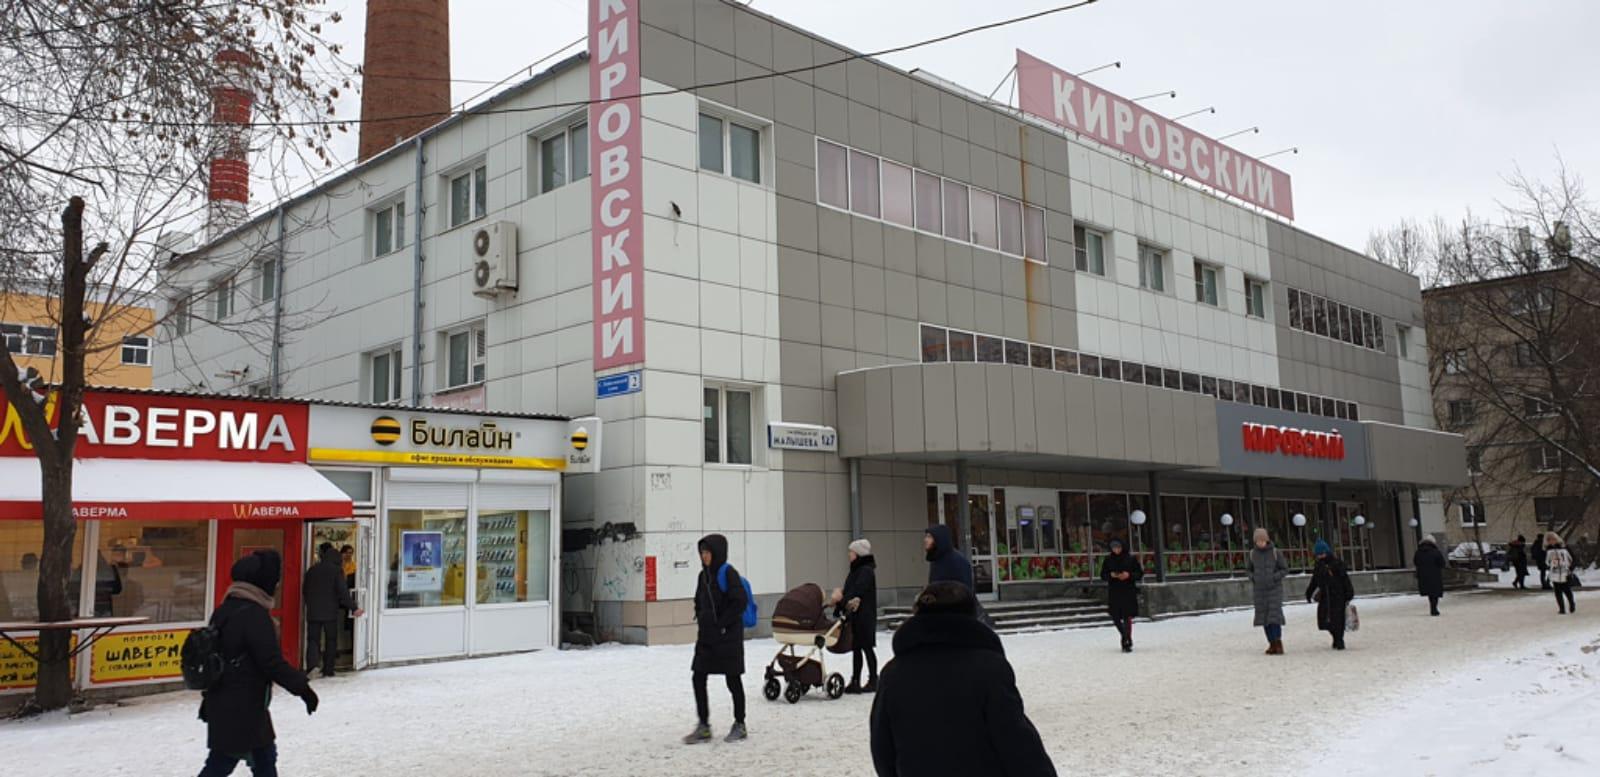 Кировский超市|俄罗斯留学物价|俄罗斯超市物价|俄罗斯留学